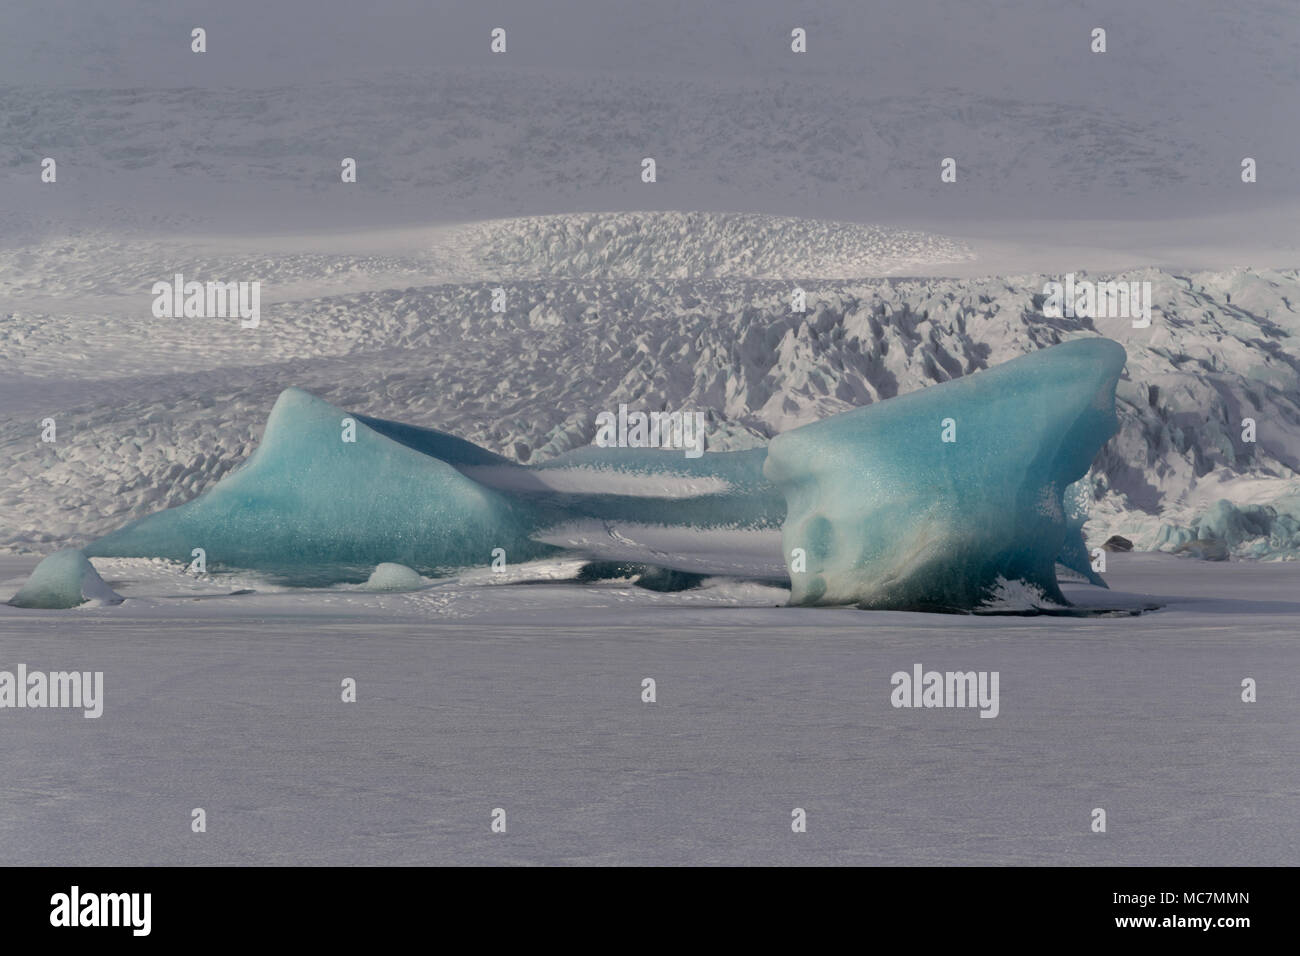 Detail of Kjallsarlon glacier from the frozen laggon, Iceland - Stock Image